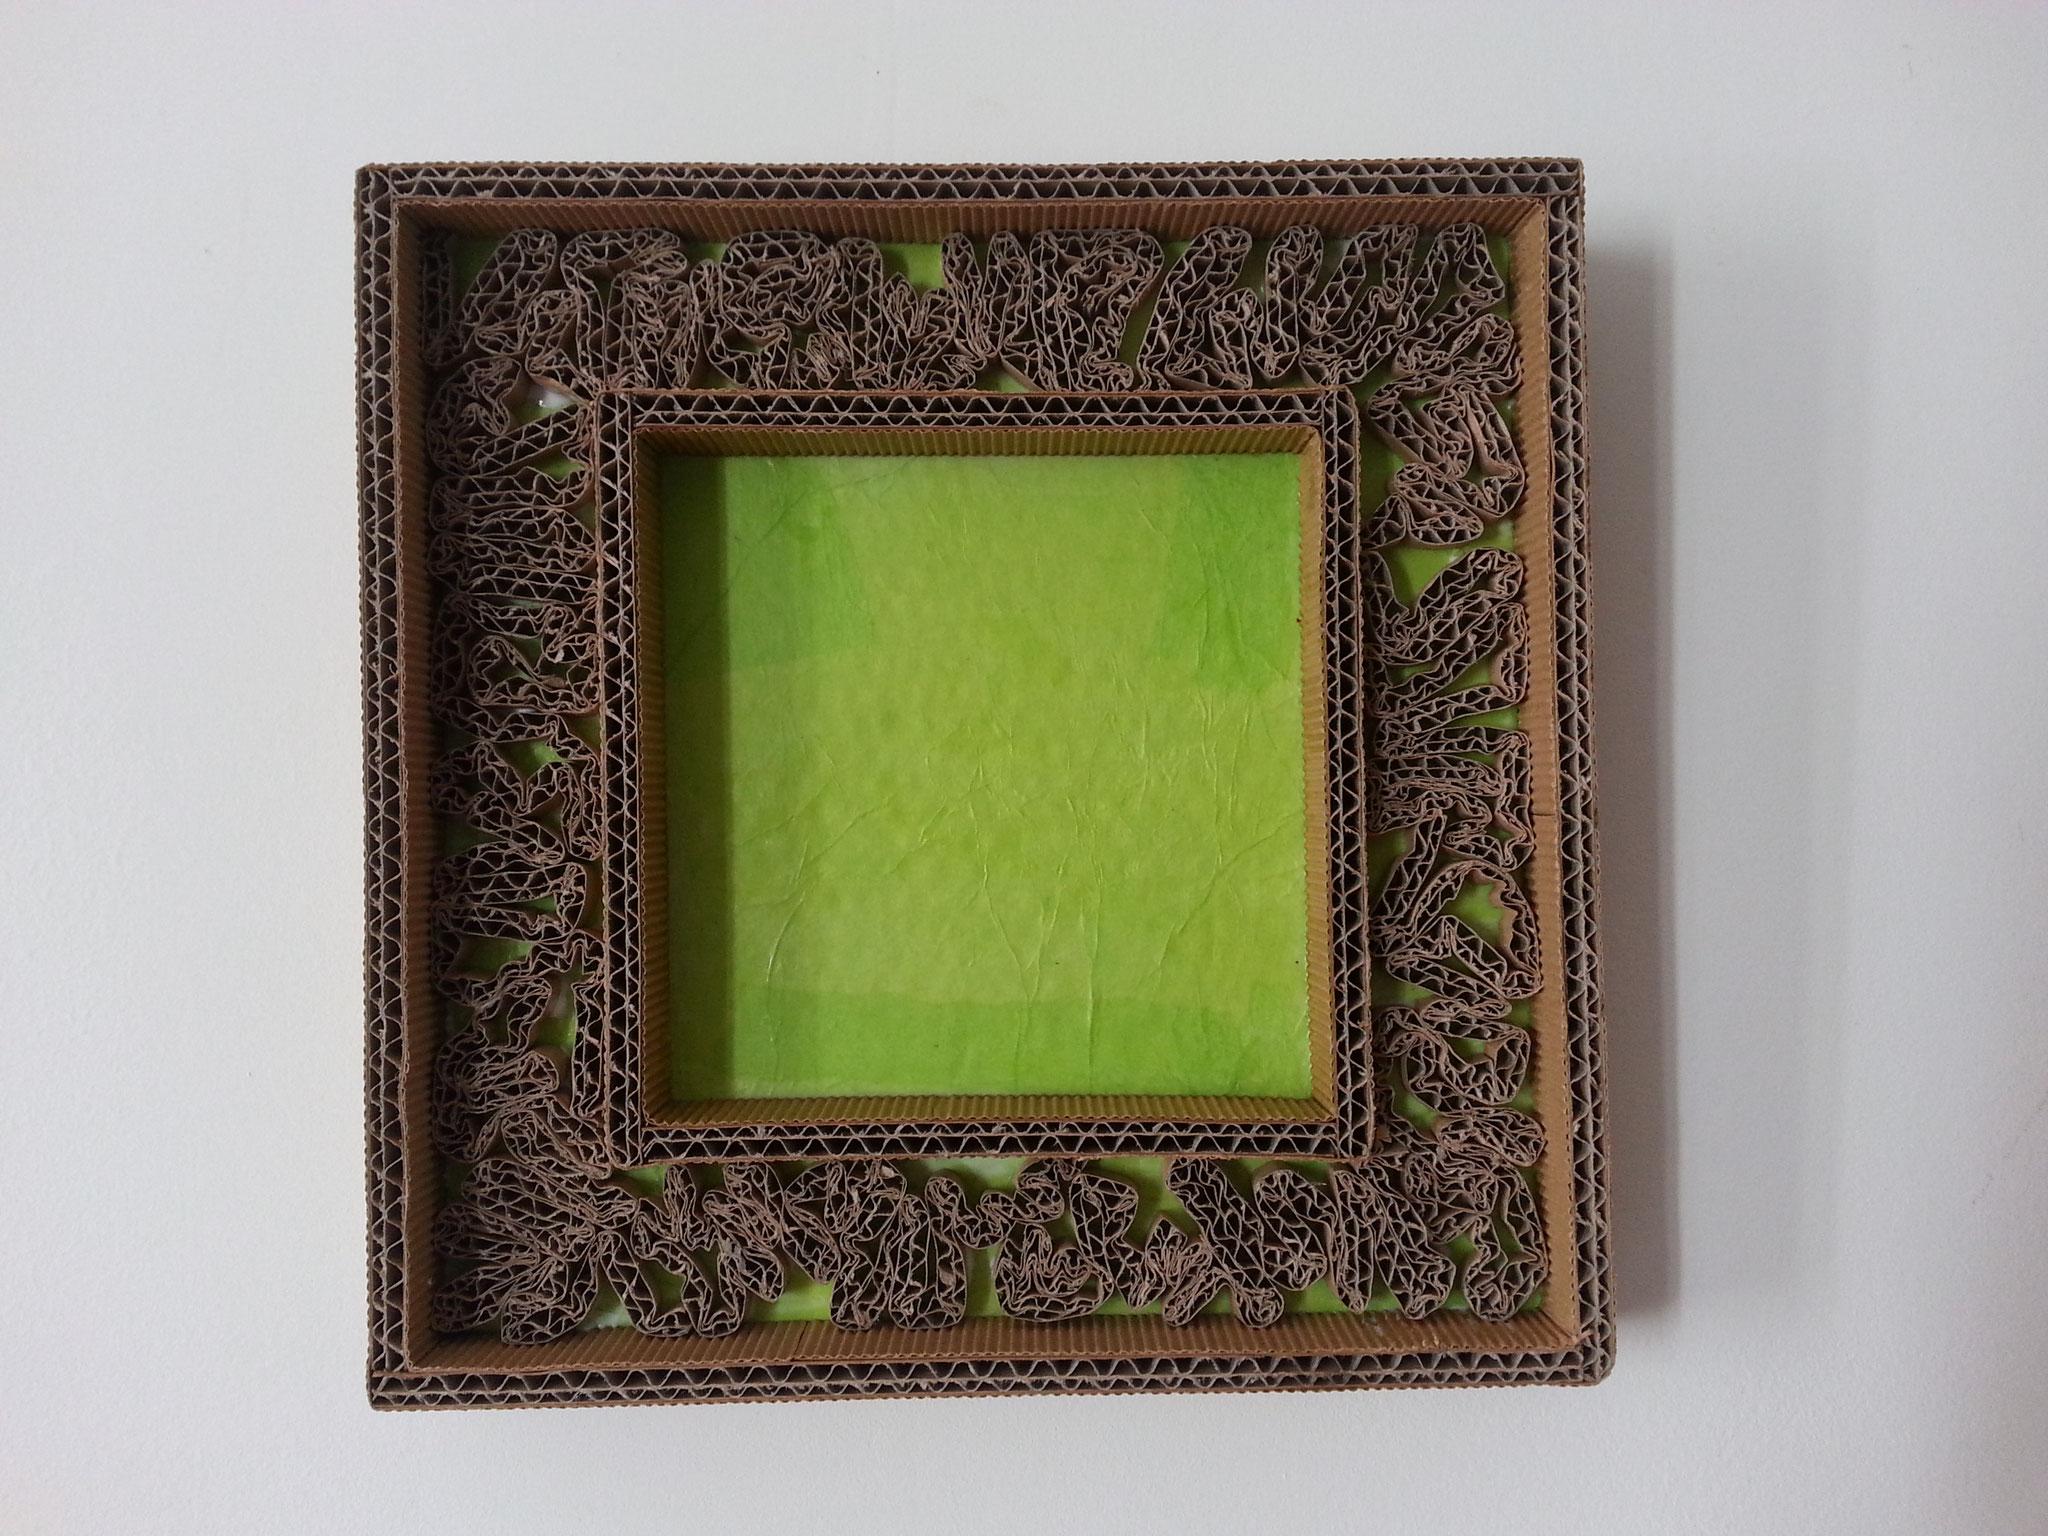 Prêt à recevoir un tableau ou une image avant l'accrochage.